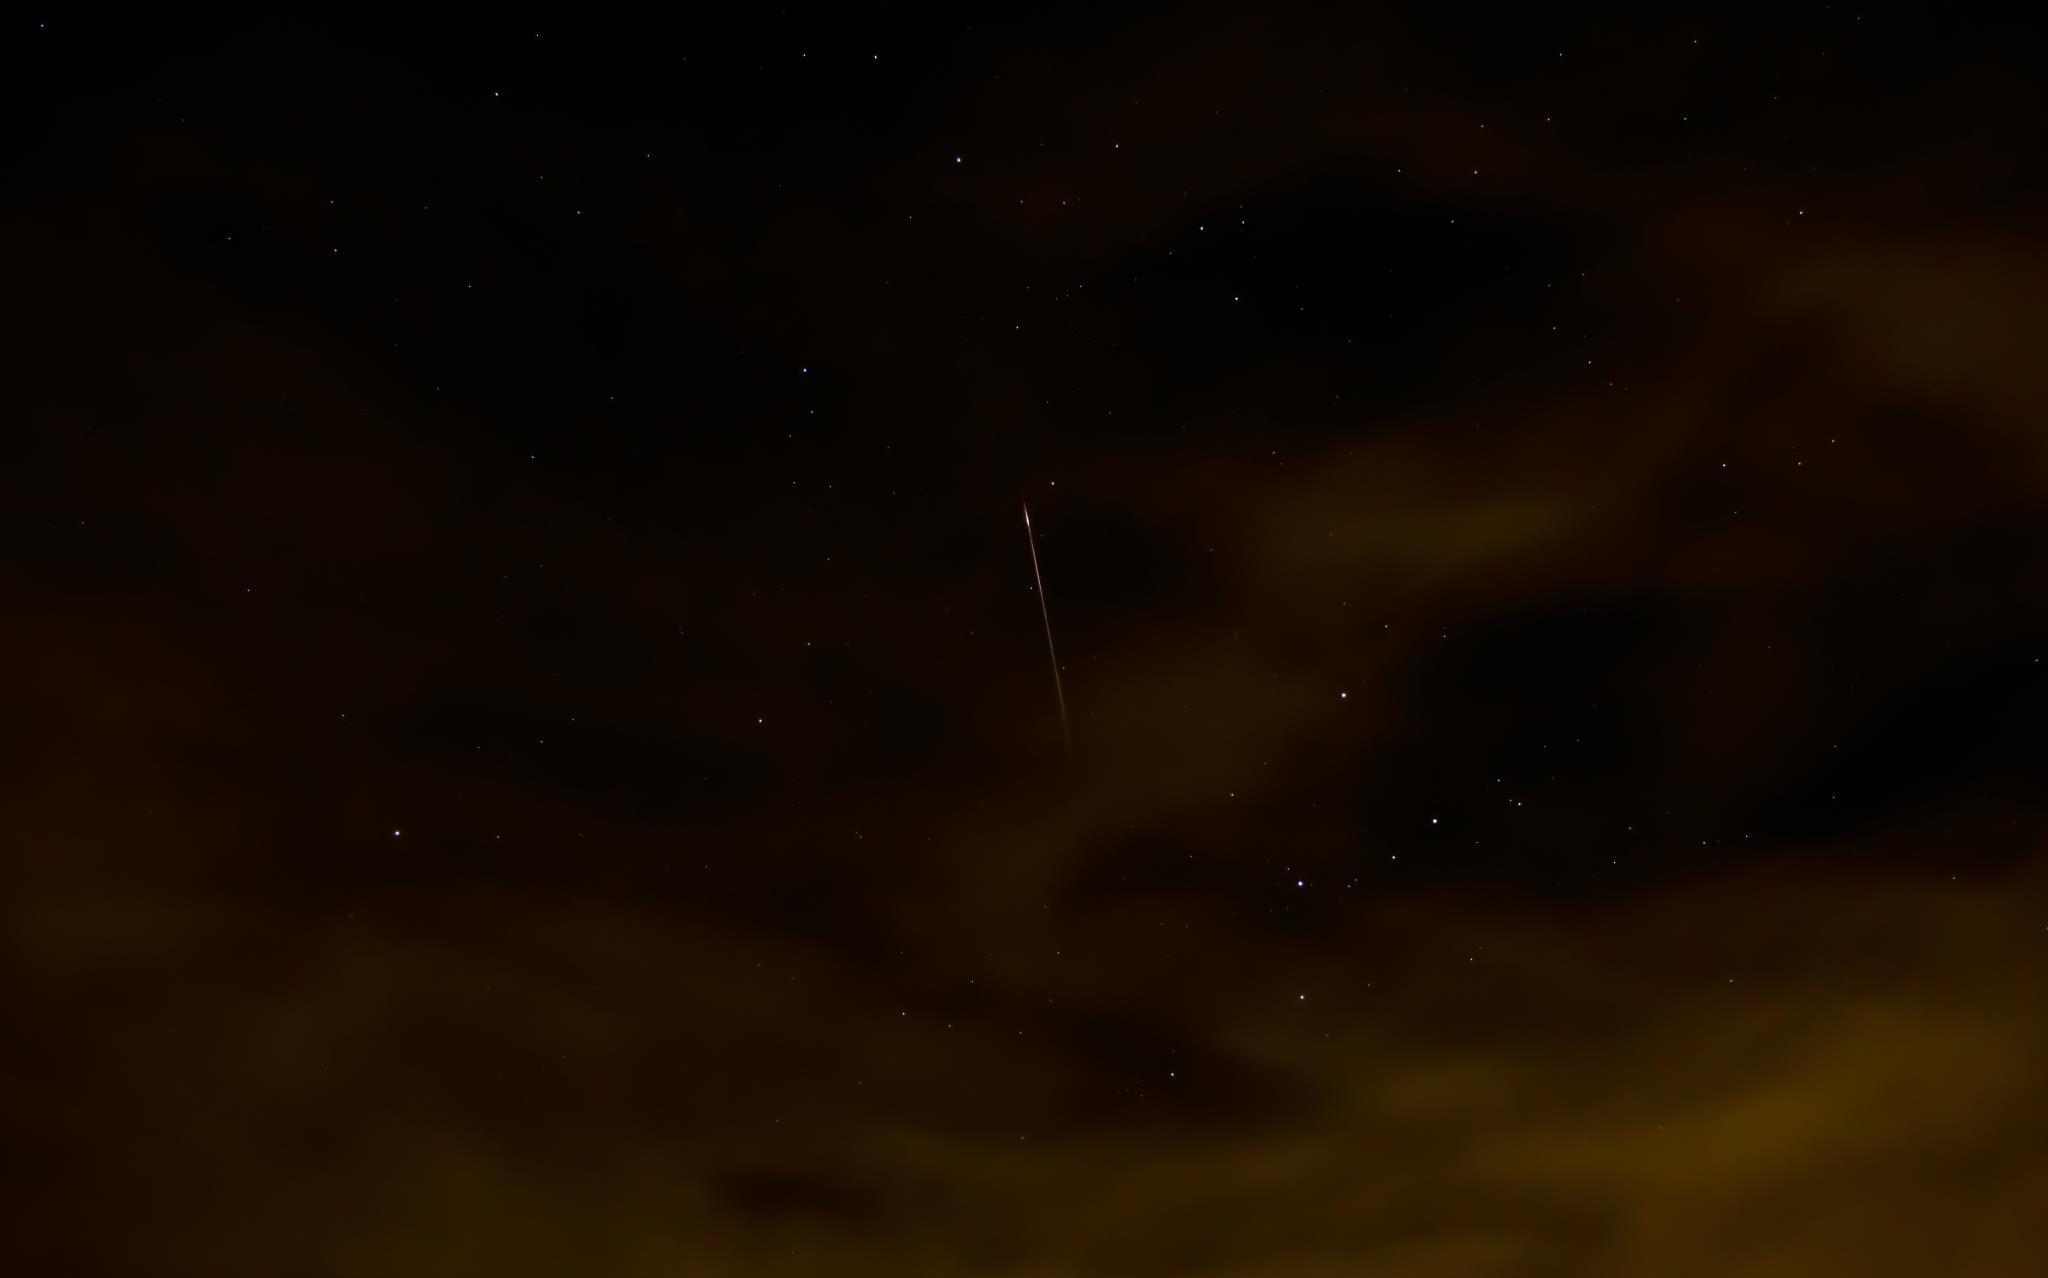 Une étoile filante des Perséides prise juste avant le lever du soleil par Dave Walker en 2012 (DR)